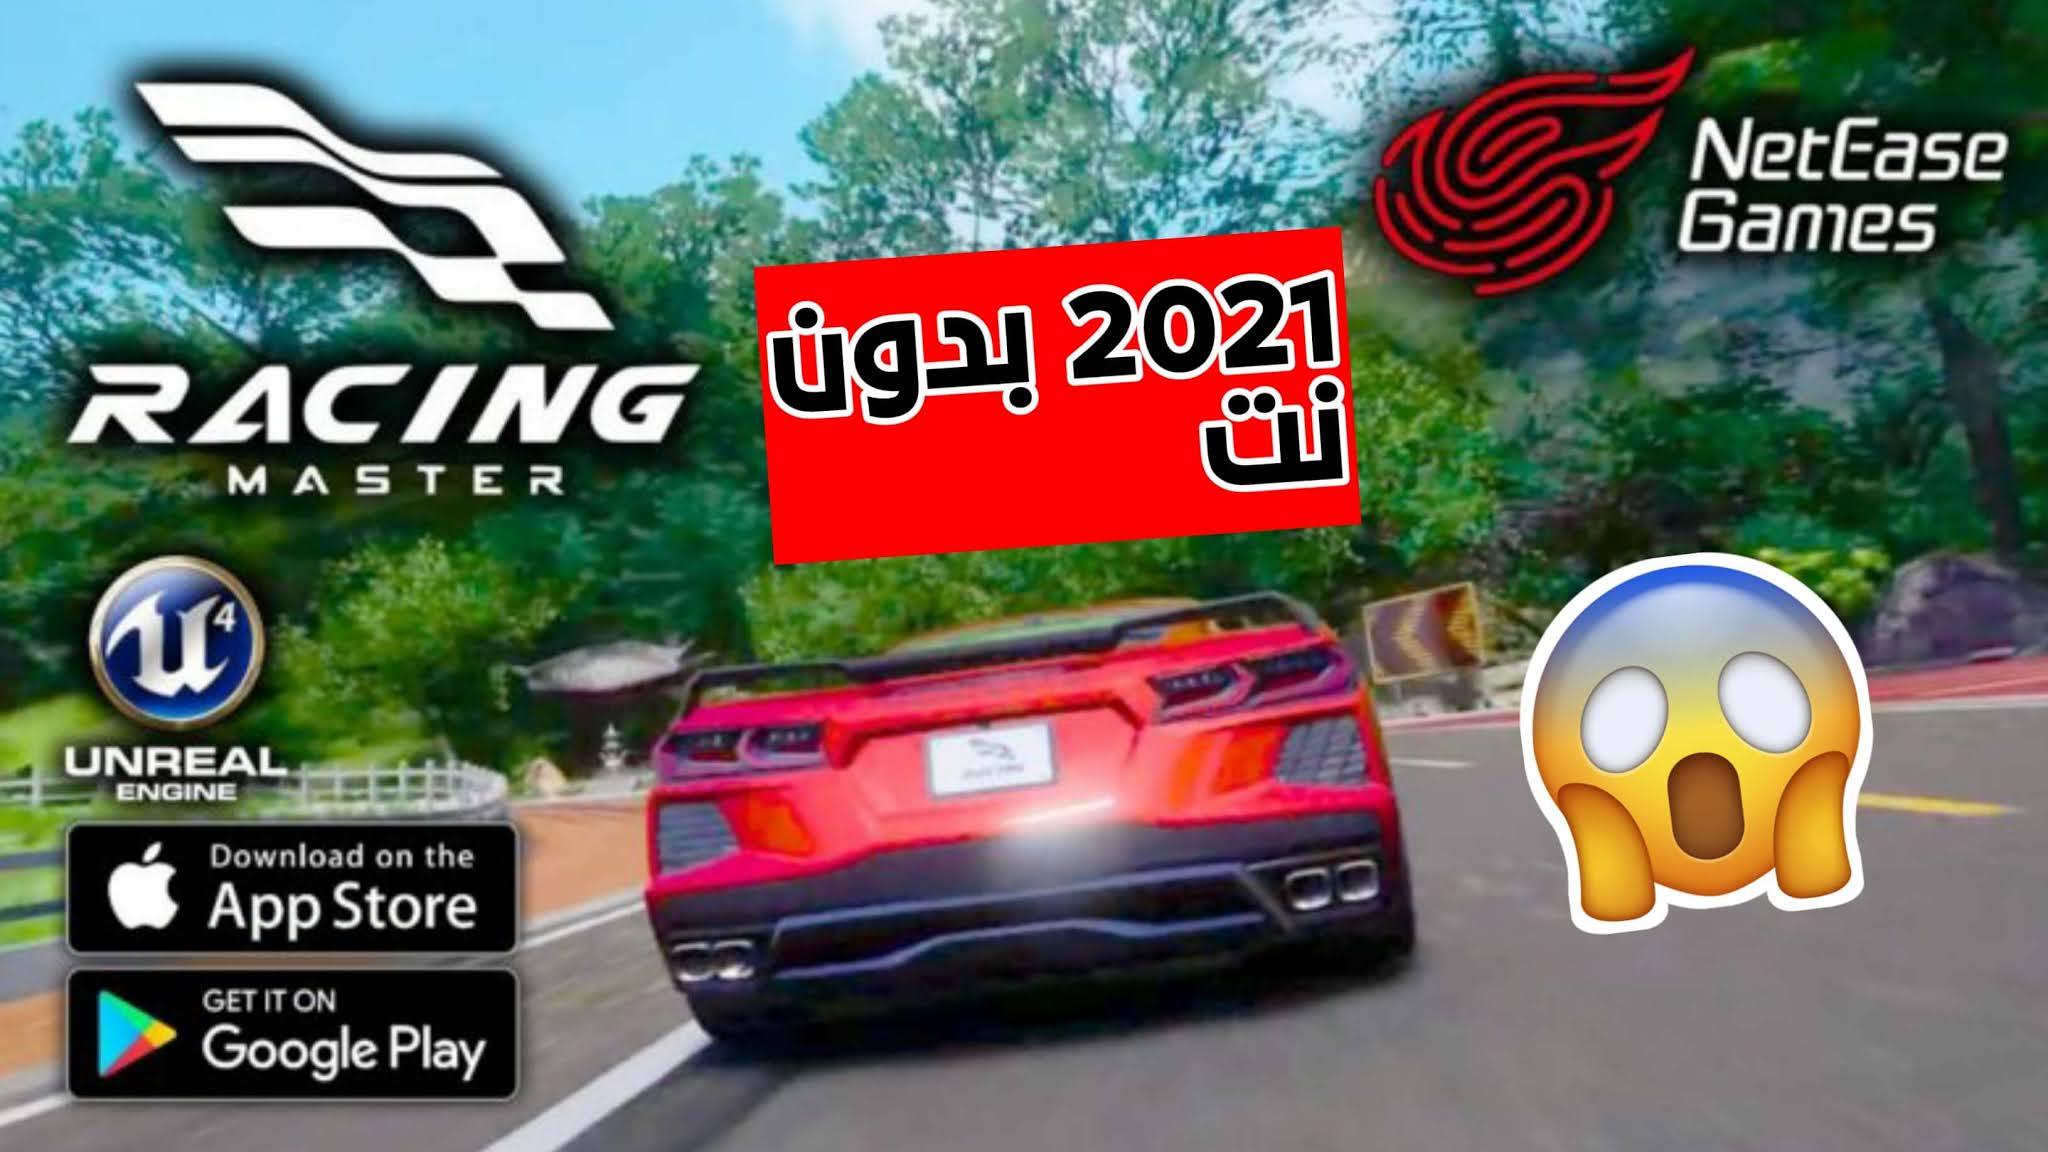 تحميل لعبة Racing Master من شركة Netease Games للاندرويد أوفلاين